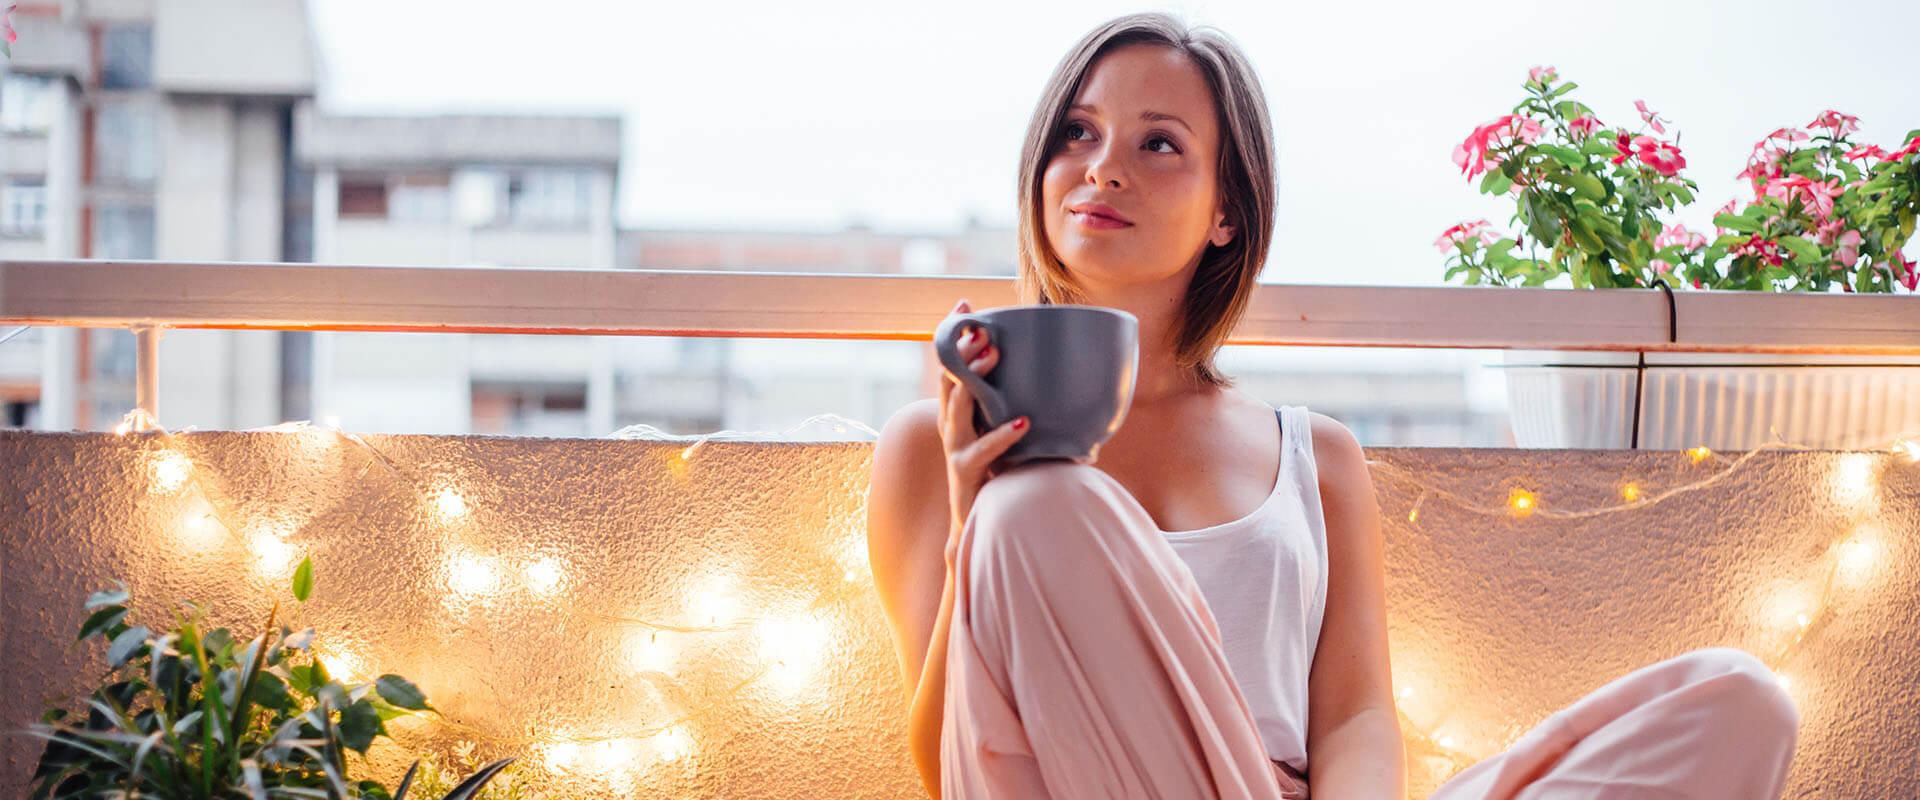 Glückliche Frau auf ihrem Balkon sitzt auf Kissen und trinkt einen Tee